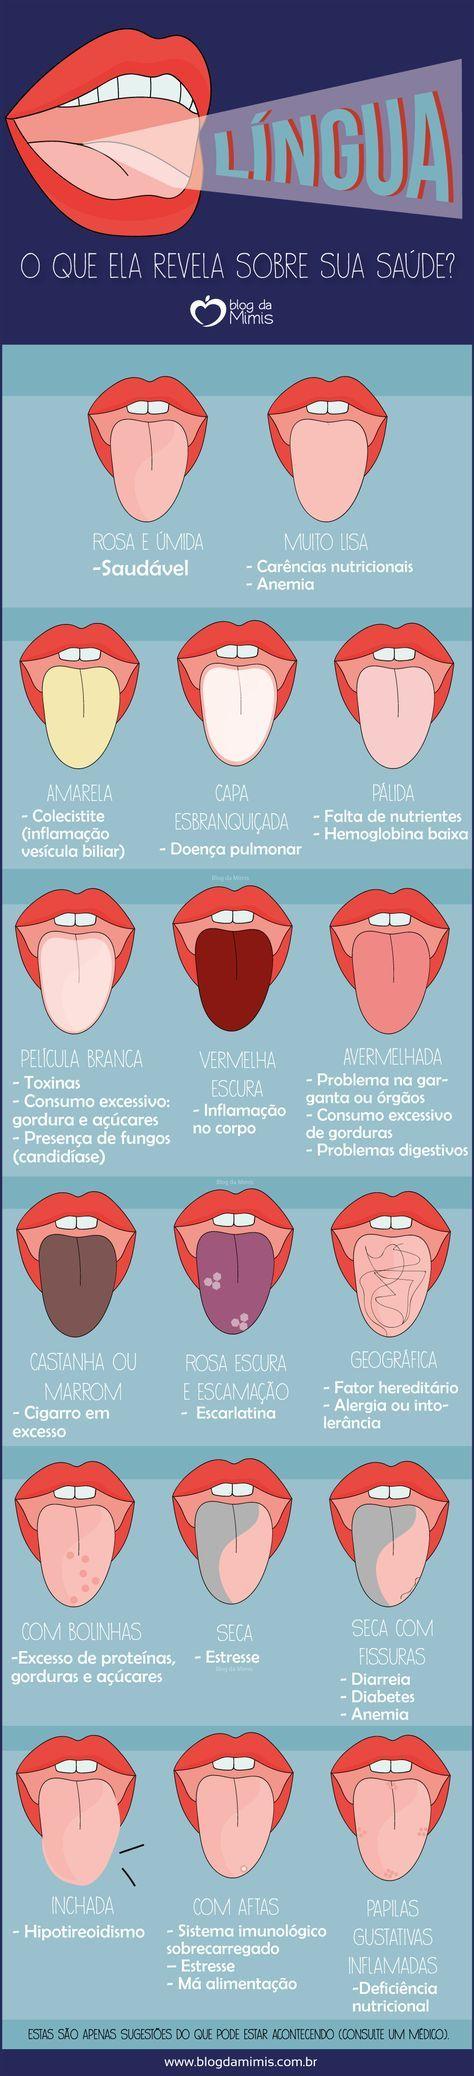 Língua: o que ela revela sobre sua saúde - Blog da Mimis #blogdamimis #língua #saúde #alimentação #dieta